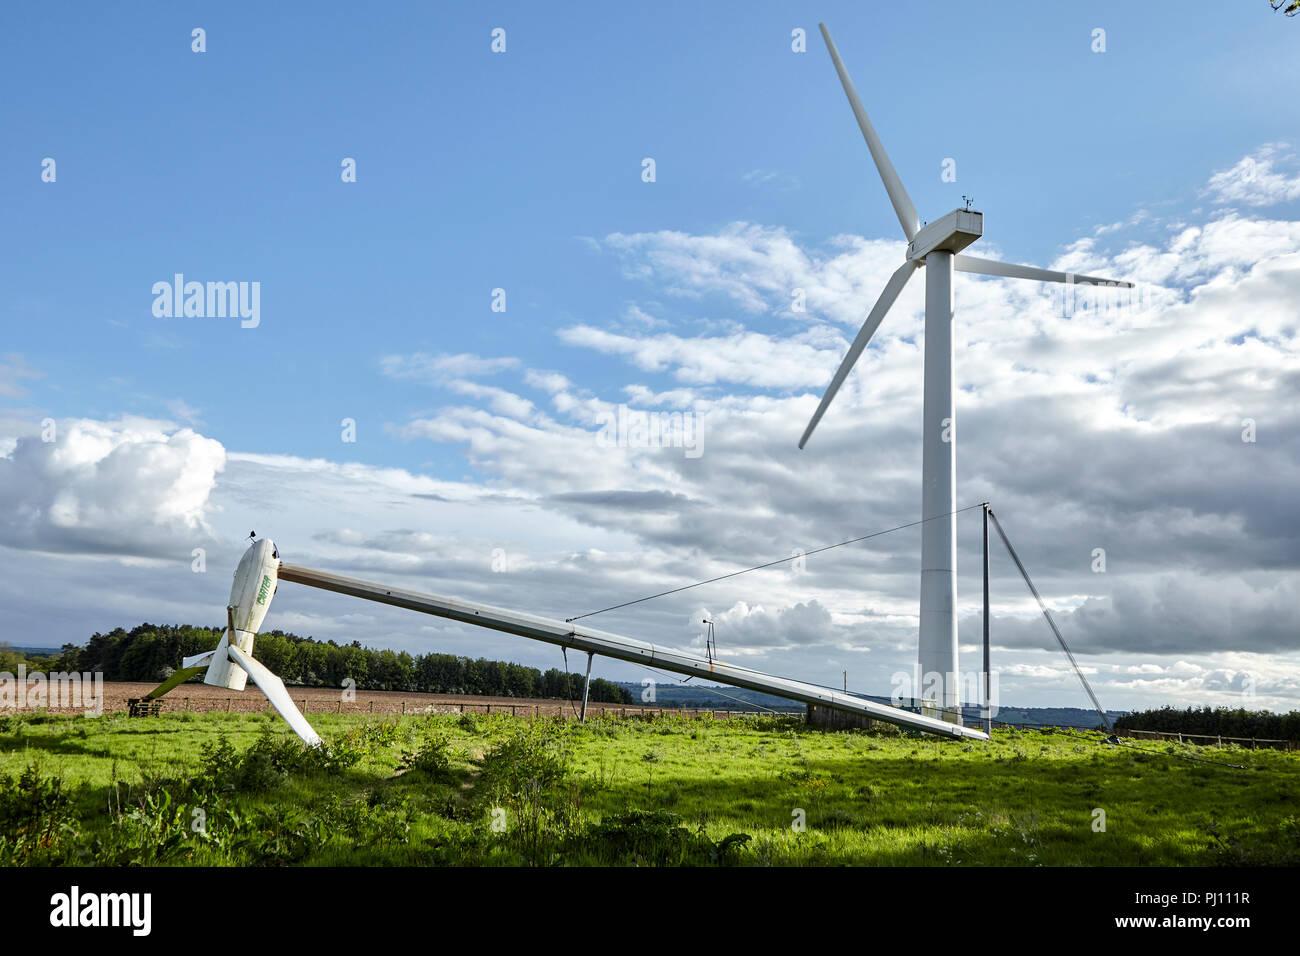 Englisch Windkraftanlagen in der Landschaft Stockbild